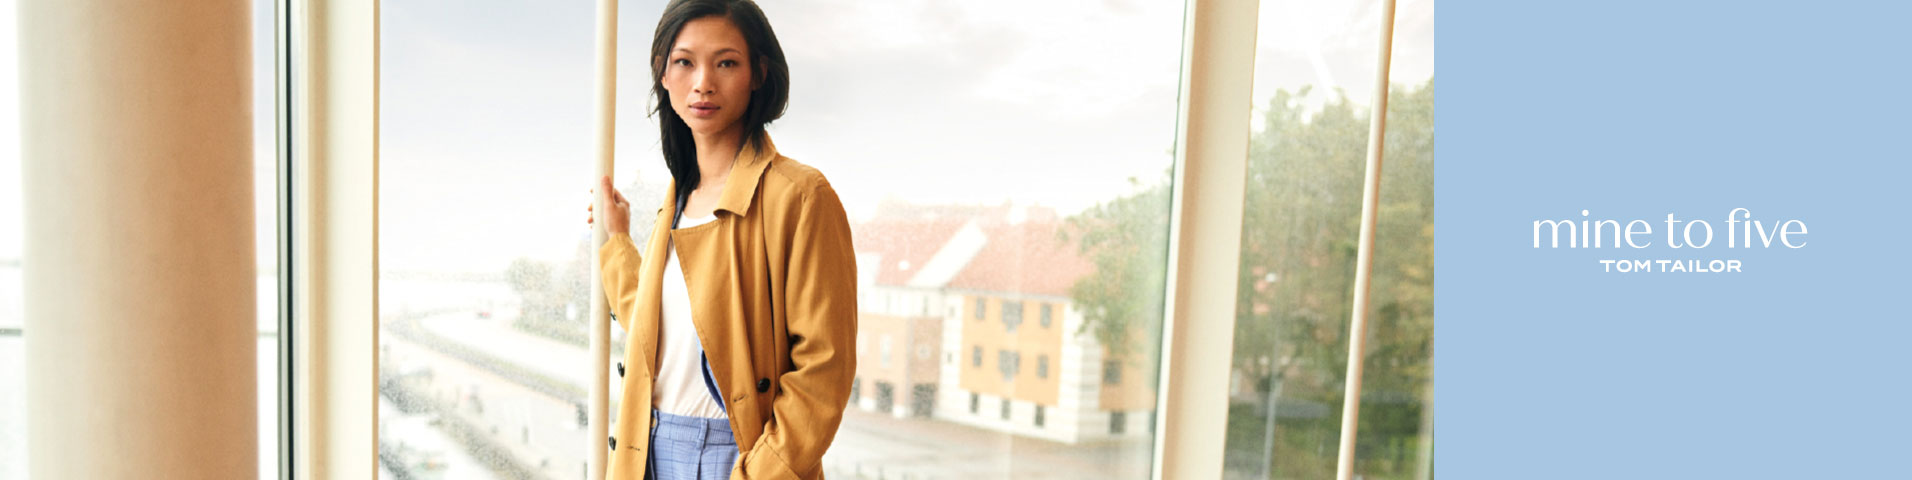 günstige mine to five tom tailor kleider im sale online